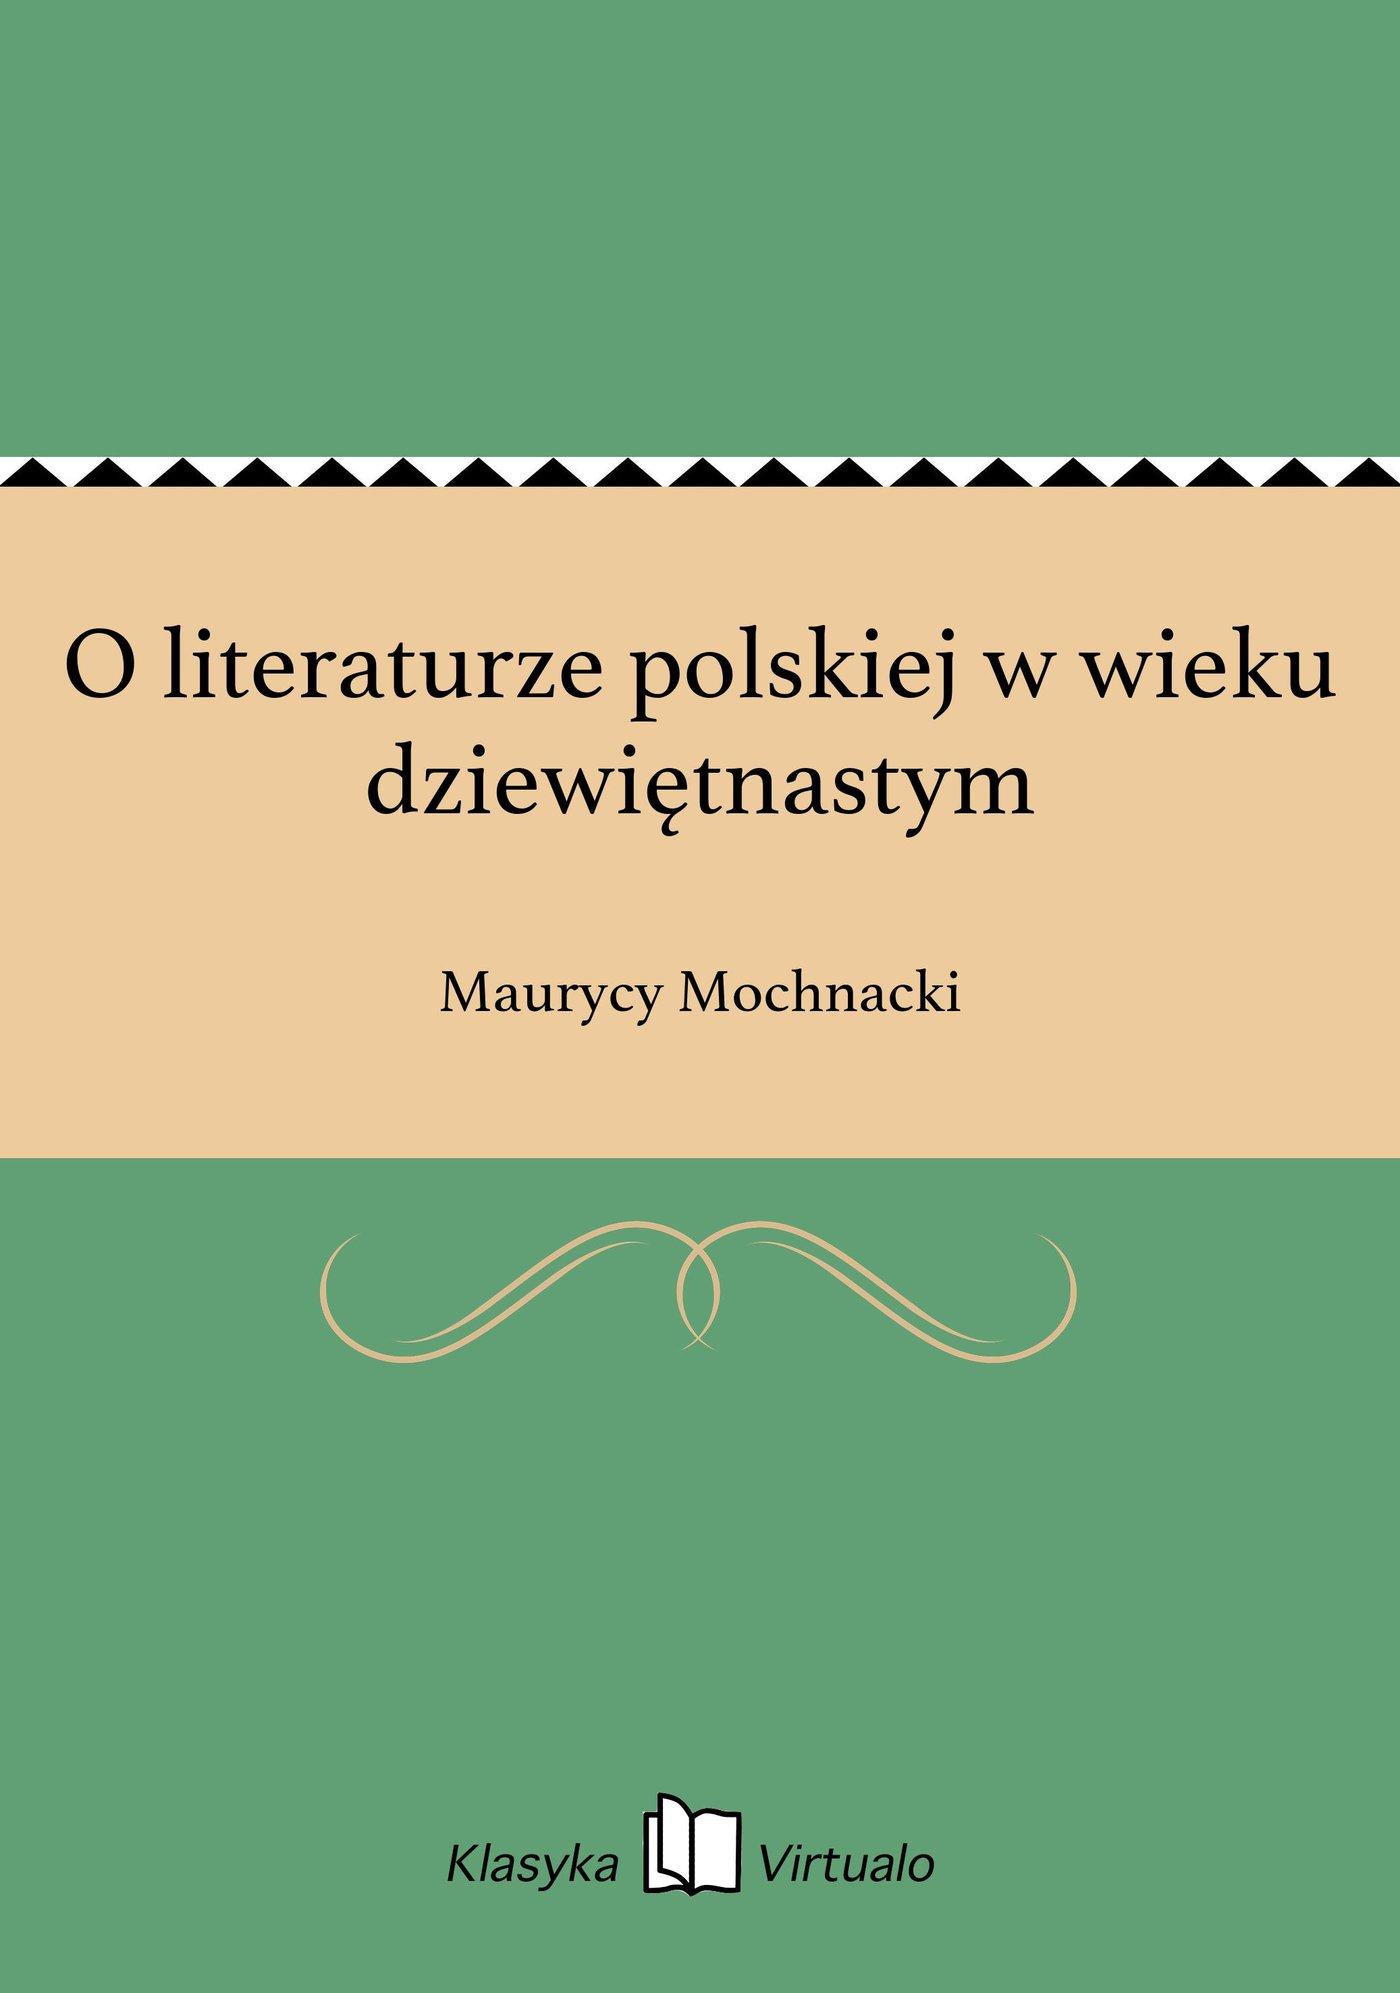 O literaturze polskiej w wieku dziewiętnastym - Ebook (Książka EPUB) do pobrania w formacie EPUB